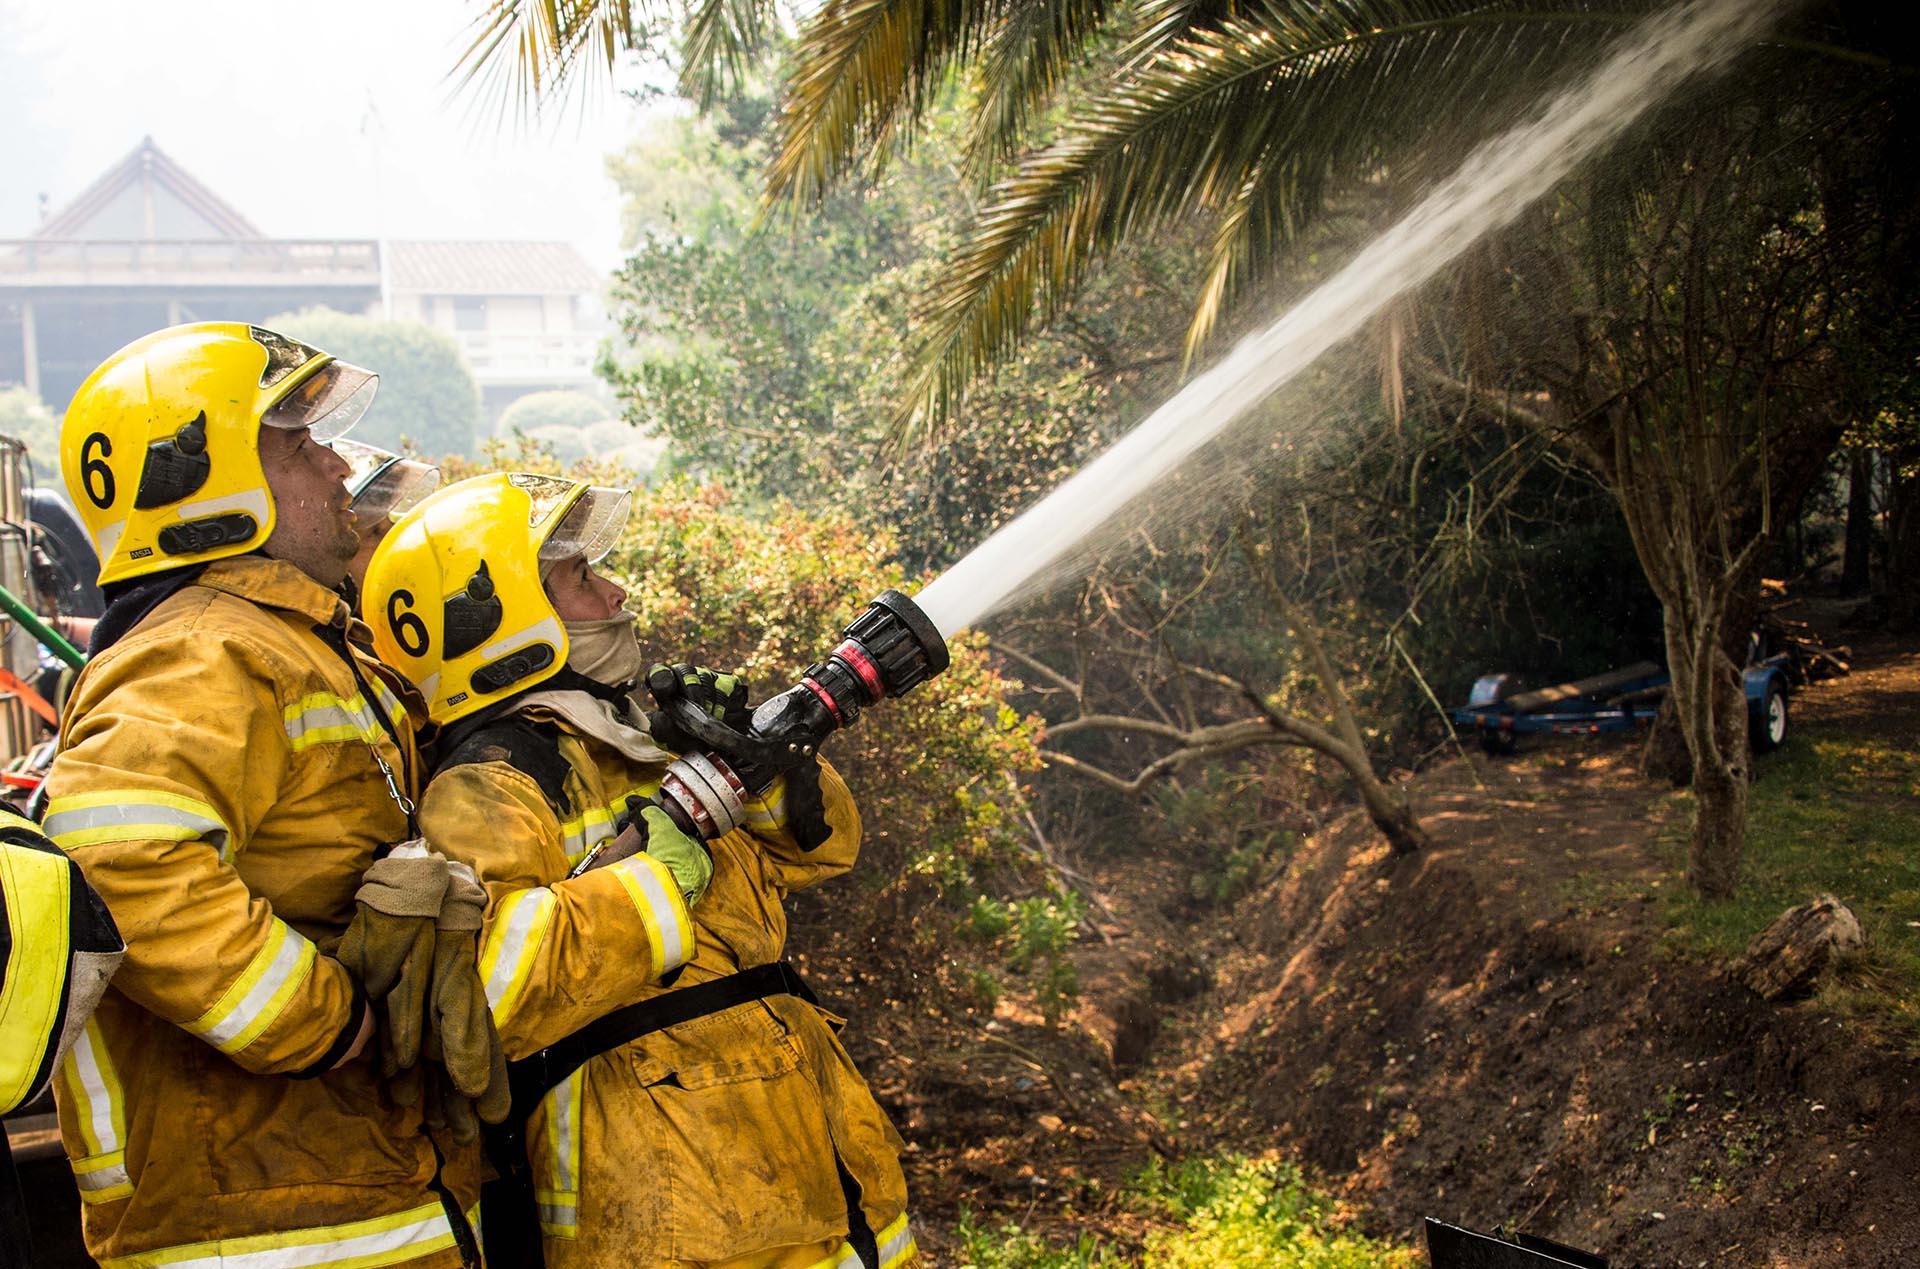 Las imágenes de televisión resultan dantescas: casas destruidas, focos de fuego que se consumen lentamente, gente con algunos enseres que lograron salvar del infierno vivido, envuelta en una espesa nube de humo